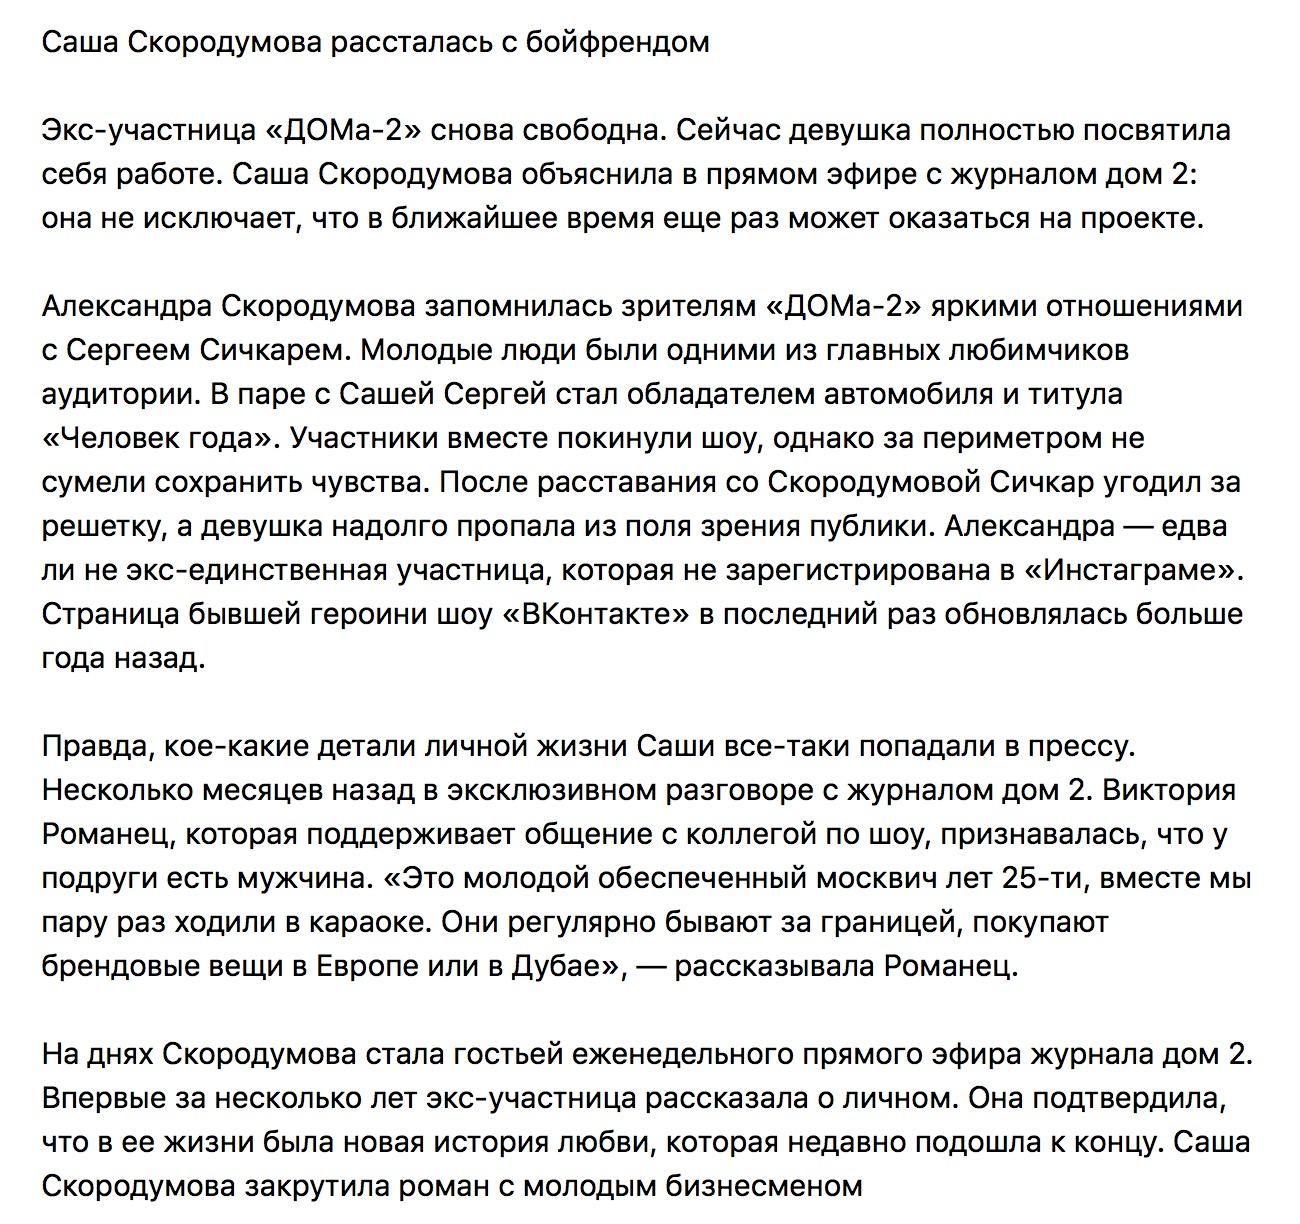 Саша Скородумова готова вернуться на дом 2